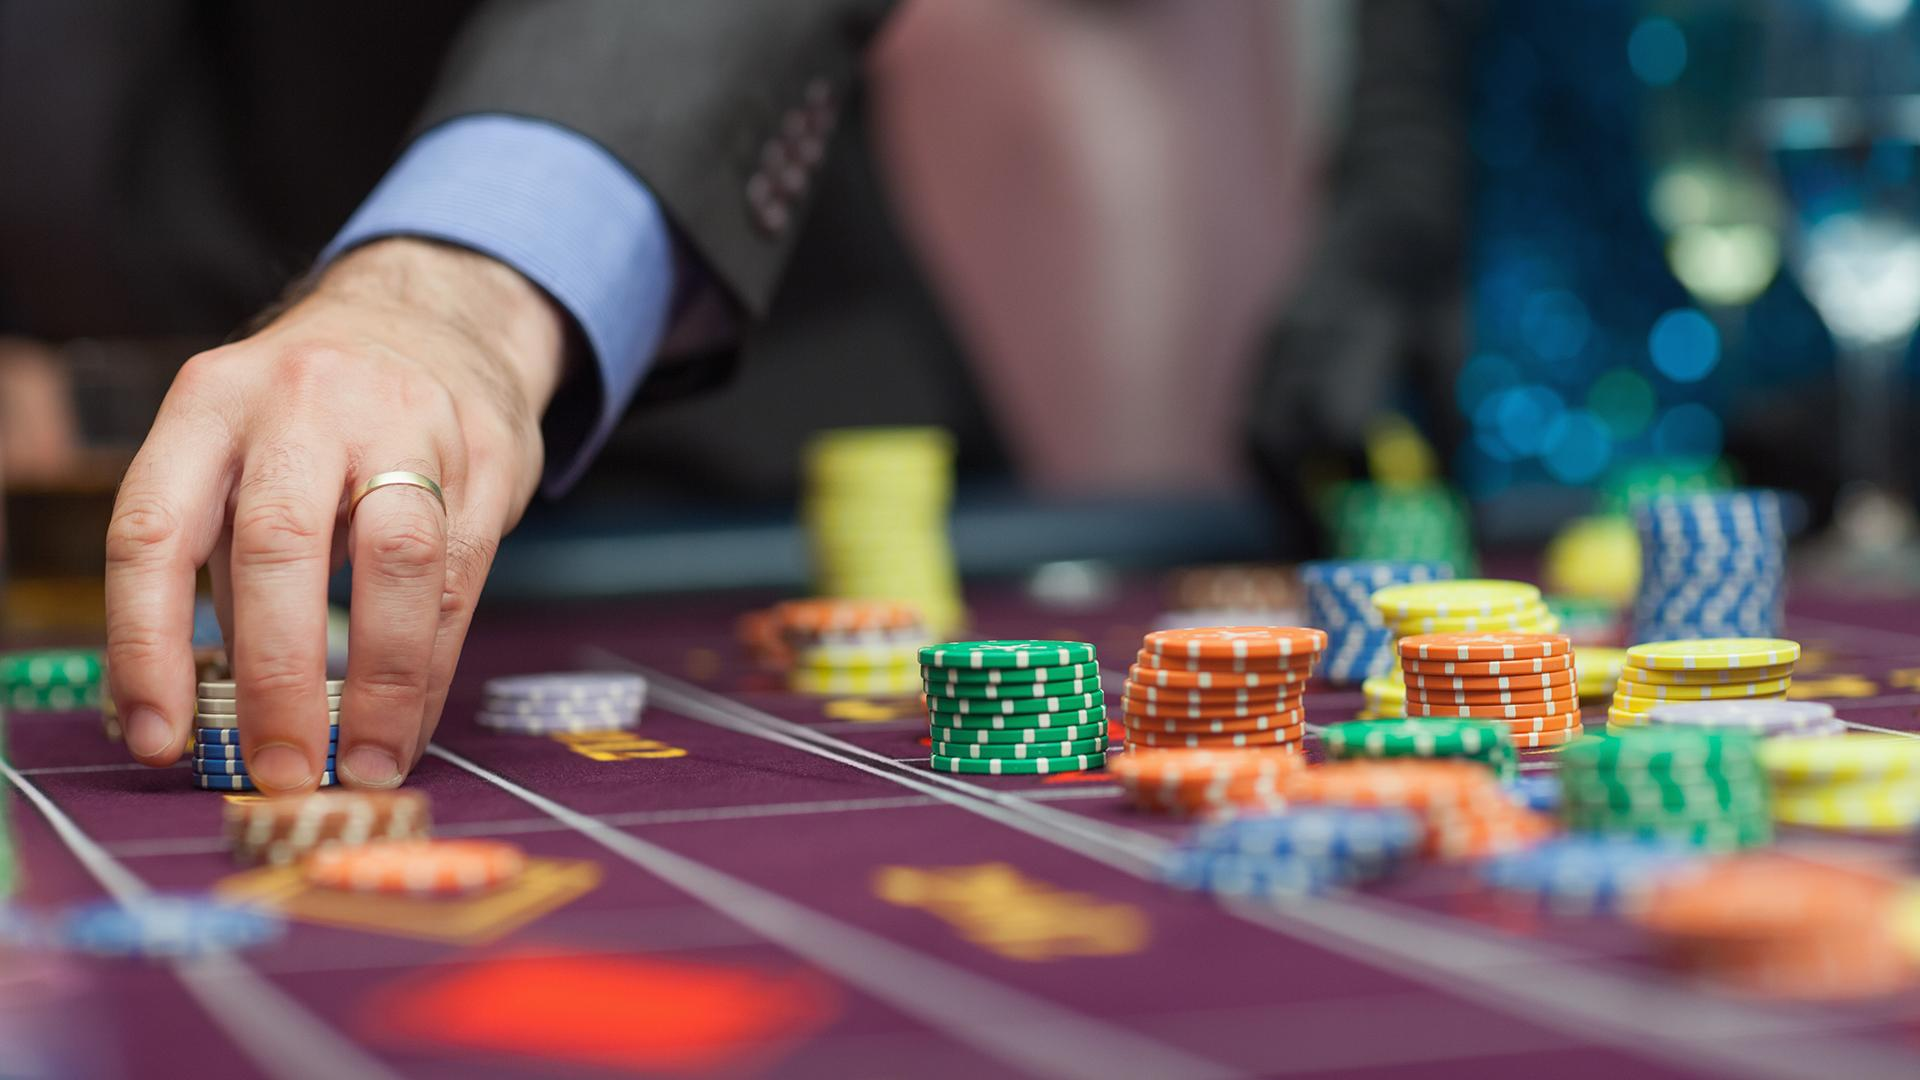 Посещаемость онлайн-казино Австралии увеличилась на 67% во время пандемии коронавируса